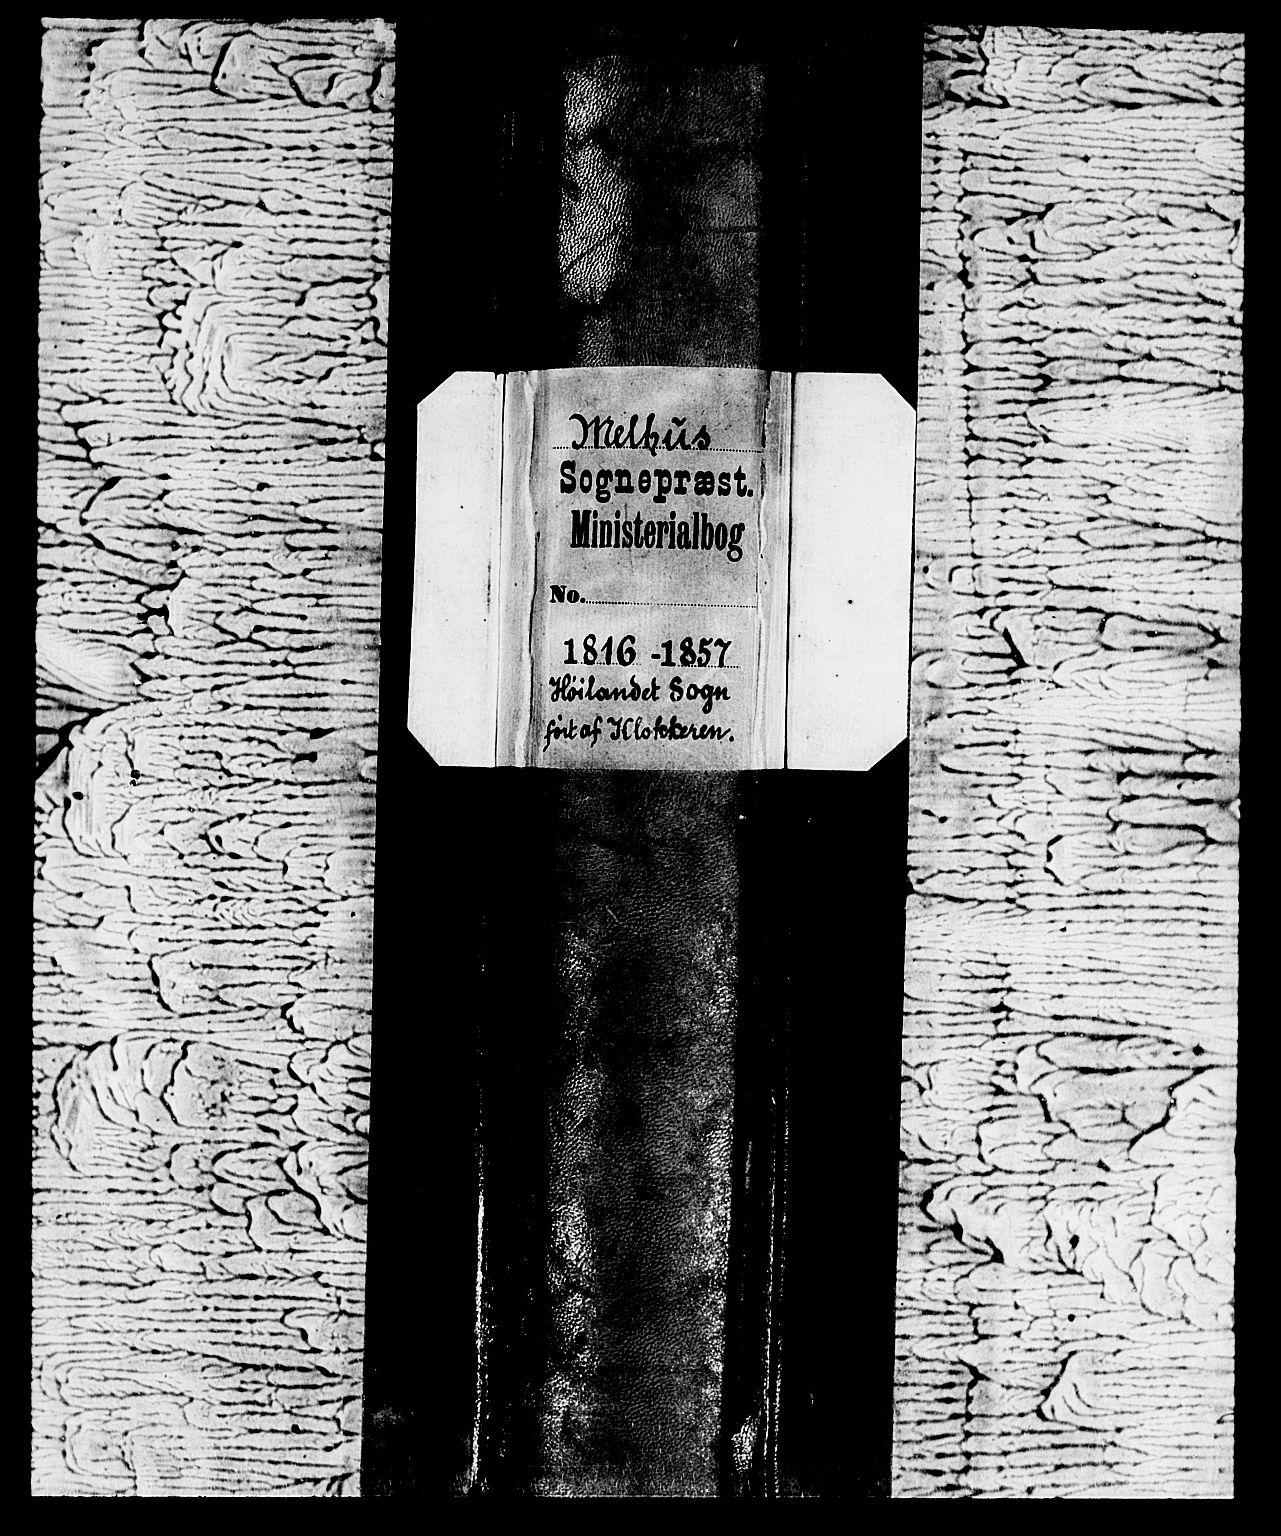 SAT, Ministerialprotokoller, klokkerbøker og fødselsregistre - Sør-Trøndelag, 694/L1130: Klokkerbok nr. 694C02, 1816-1857